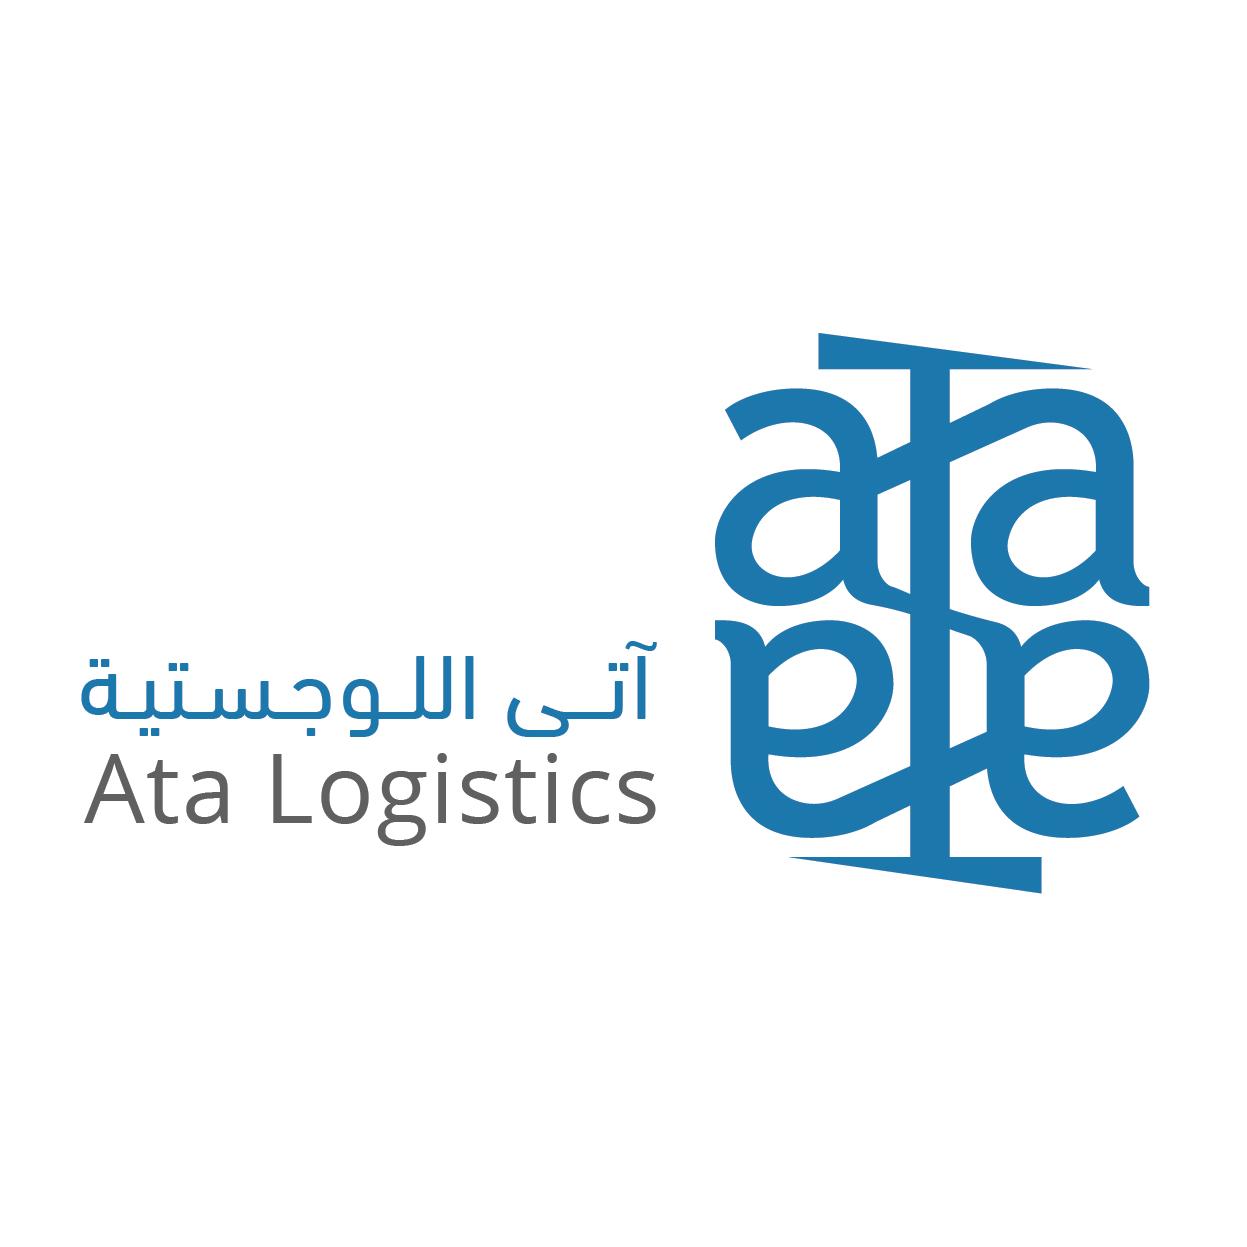 Ata Logistics